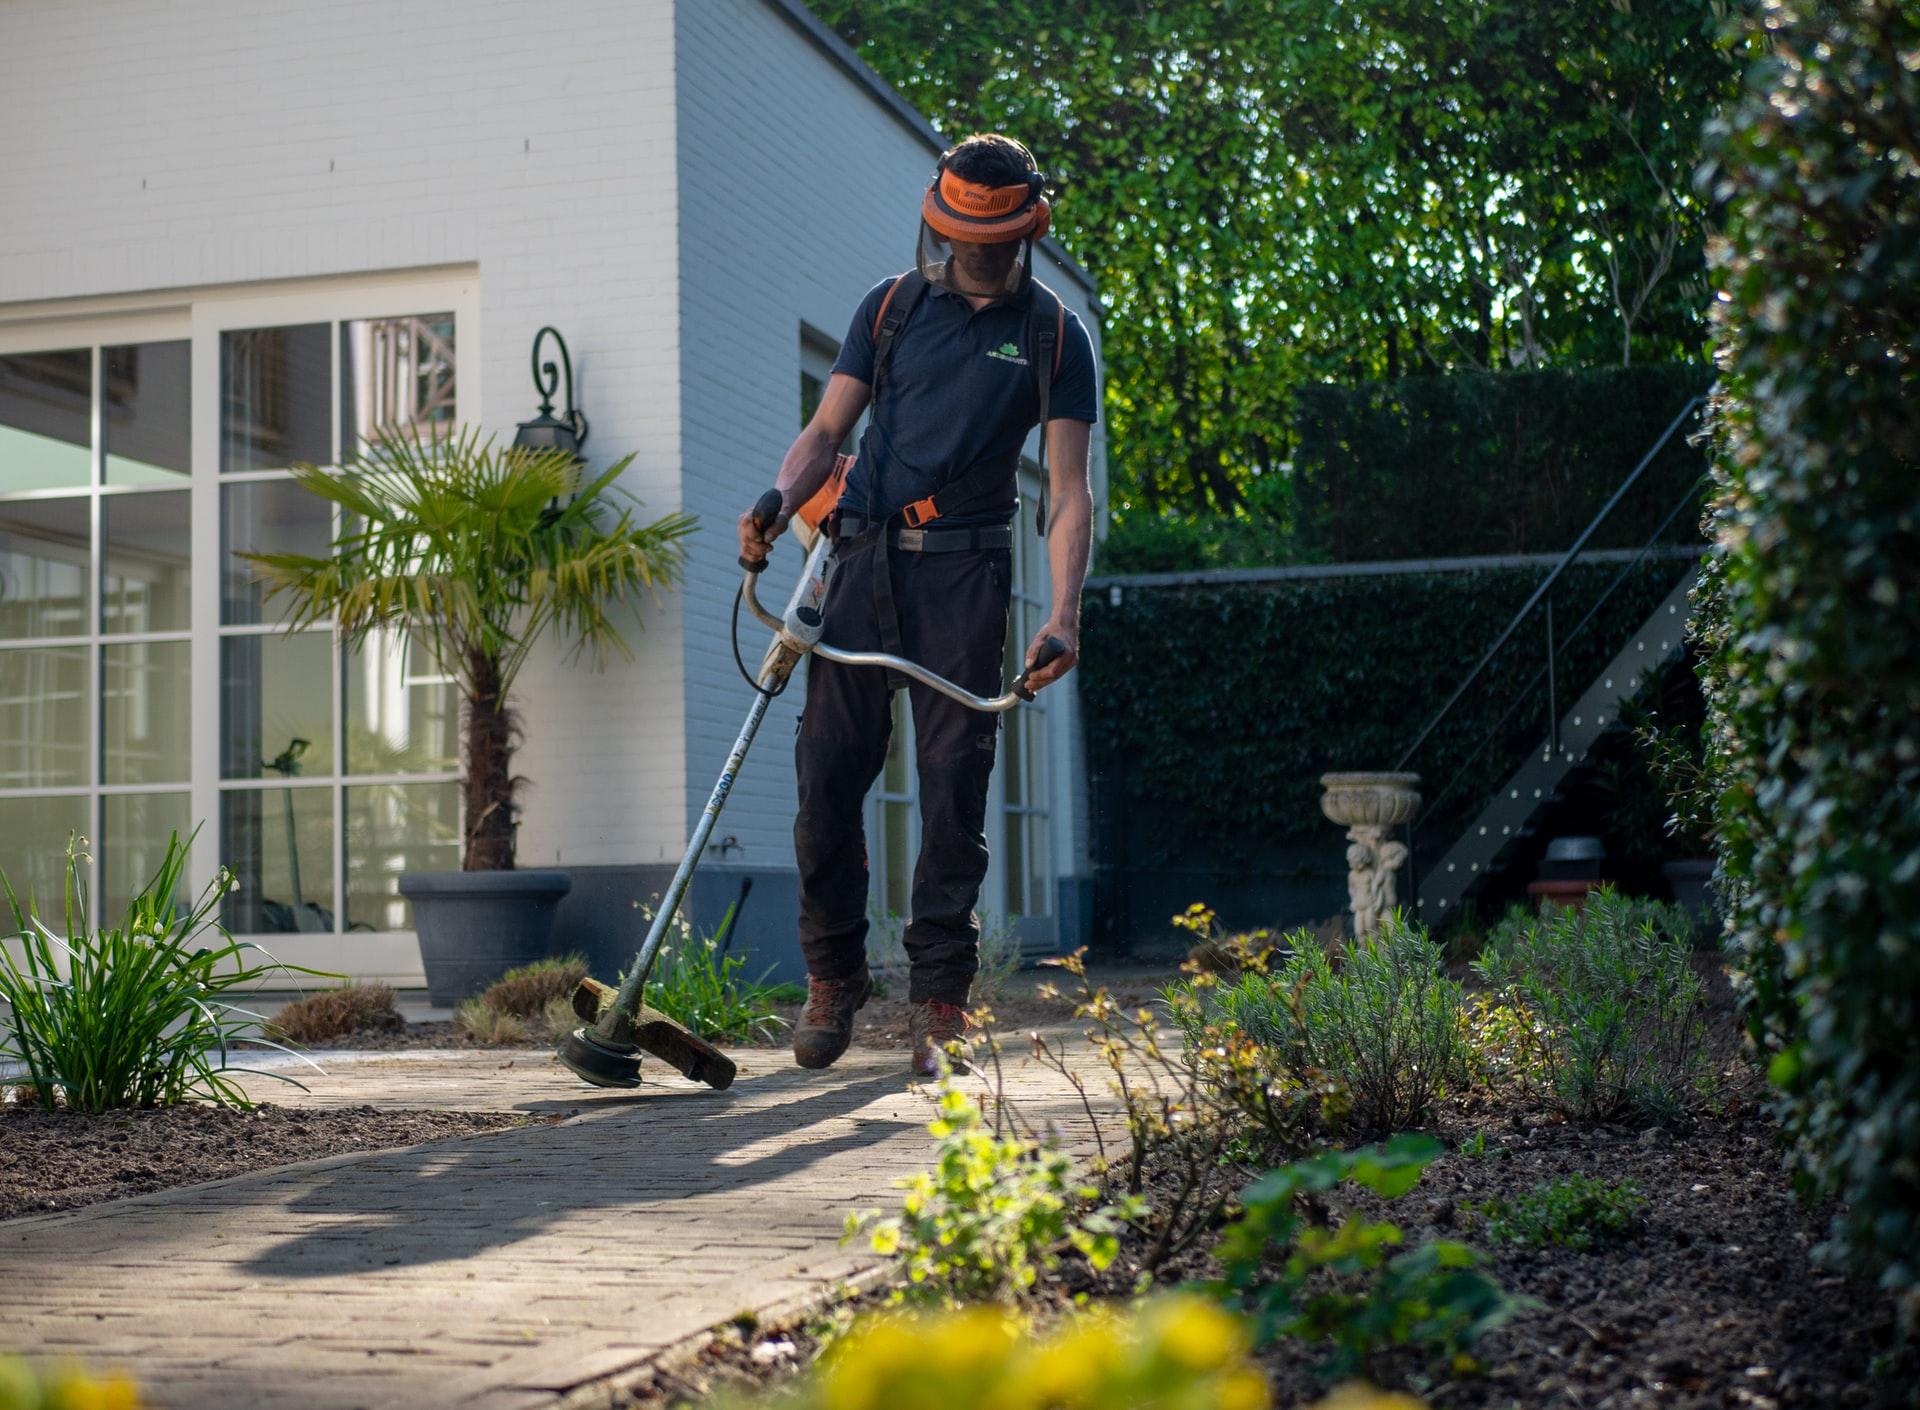 Si te gusta la jardinería, comprobar que todas las herramientas están en buen estado es un consejo de seguridad que debes seguir en verano.